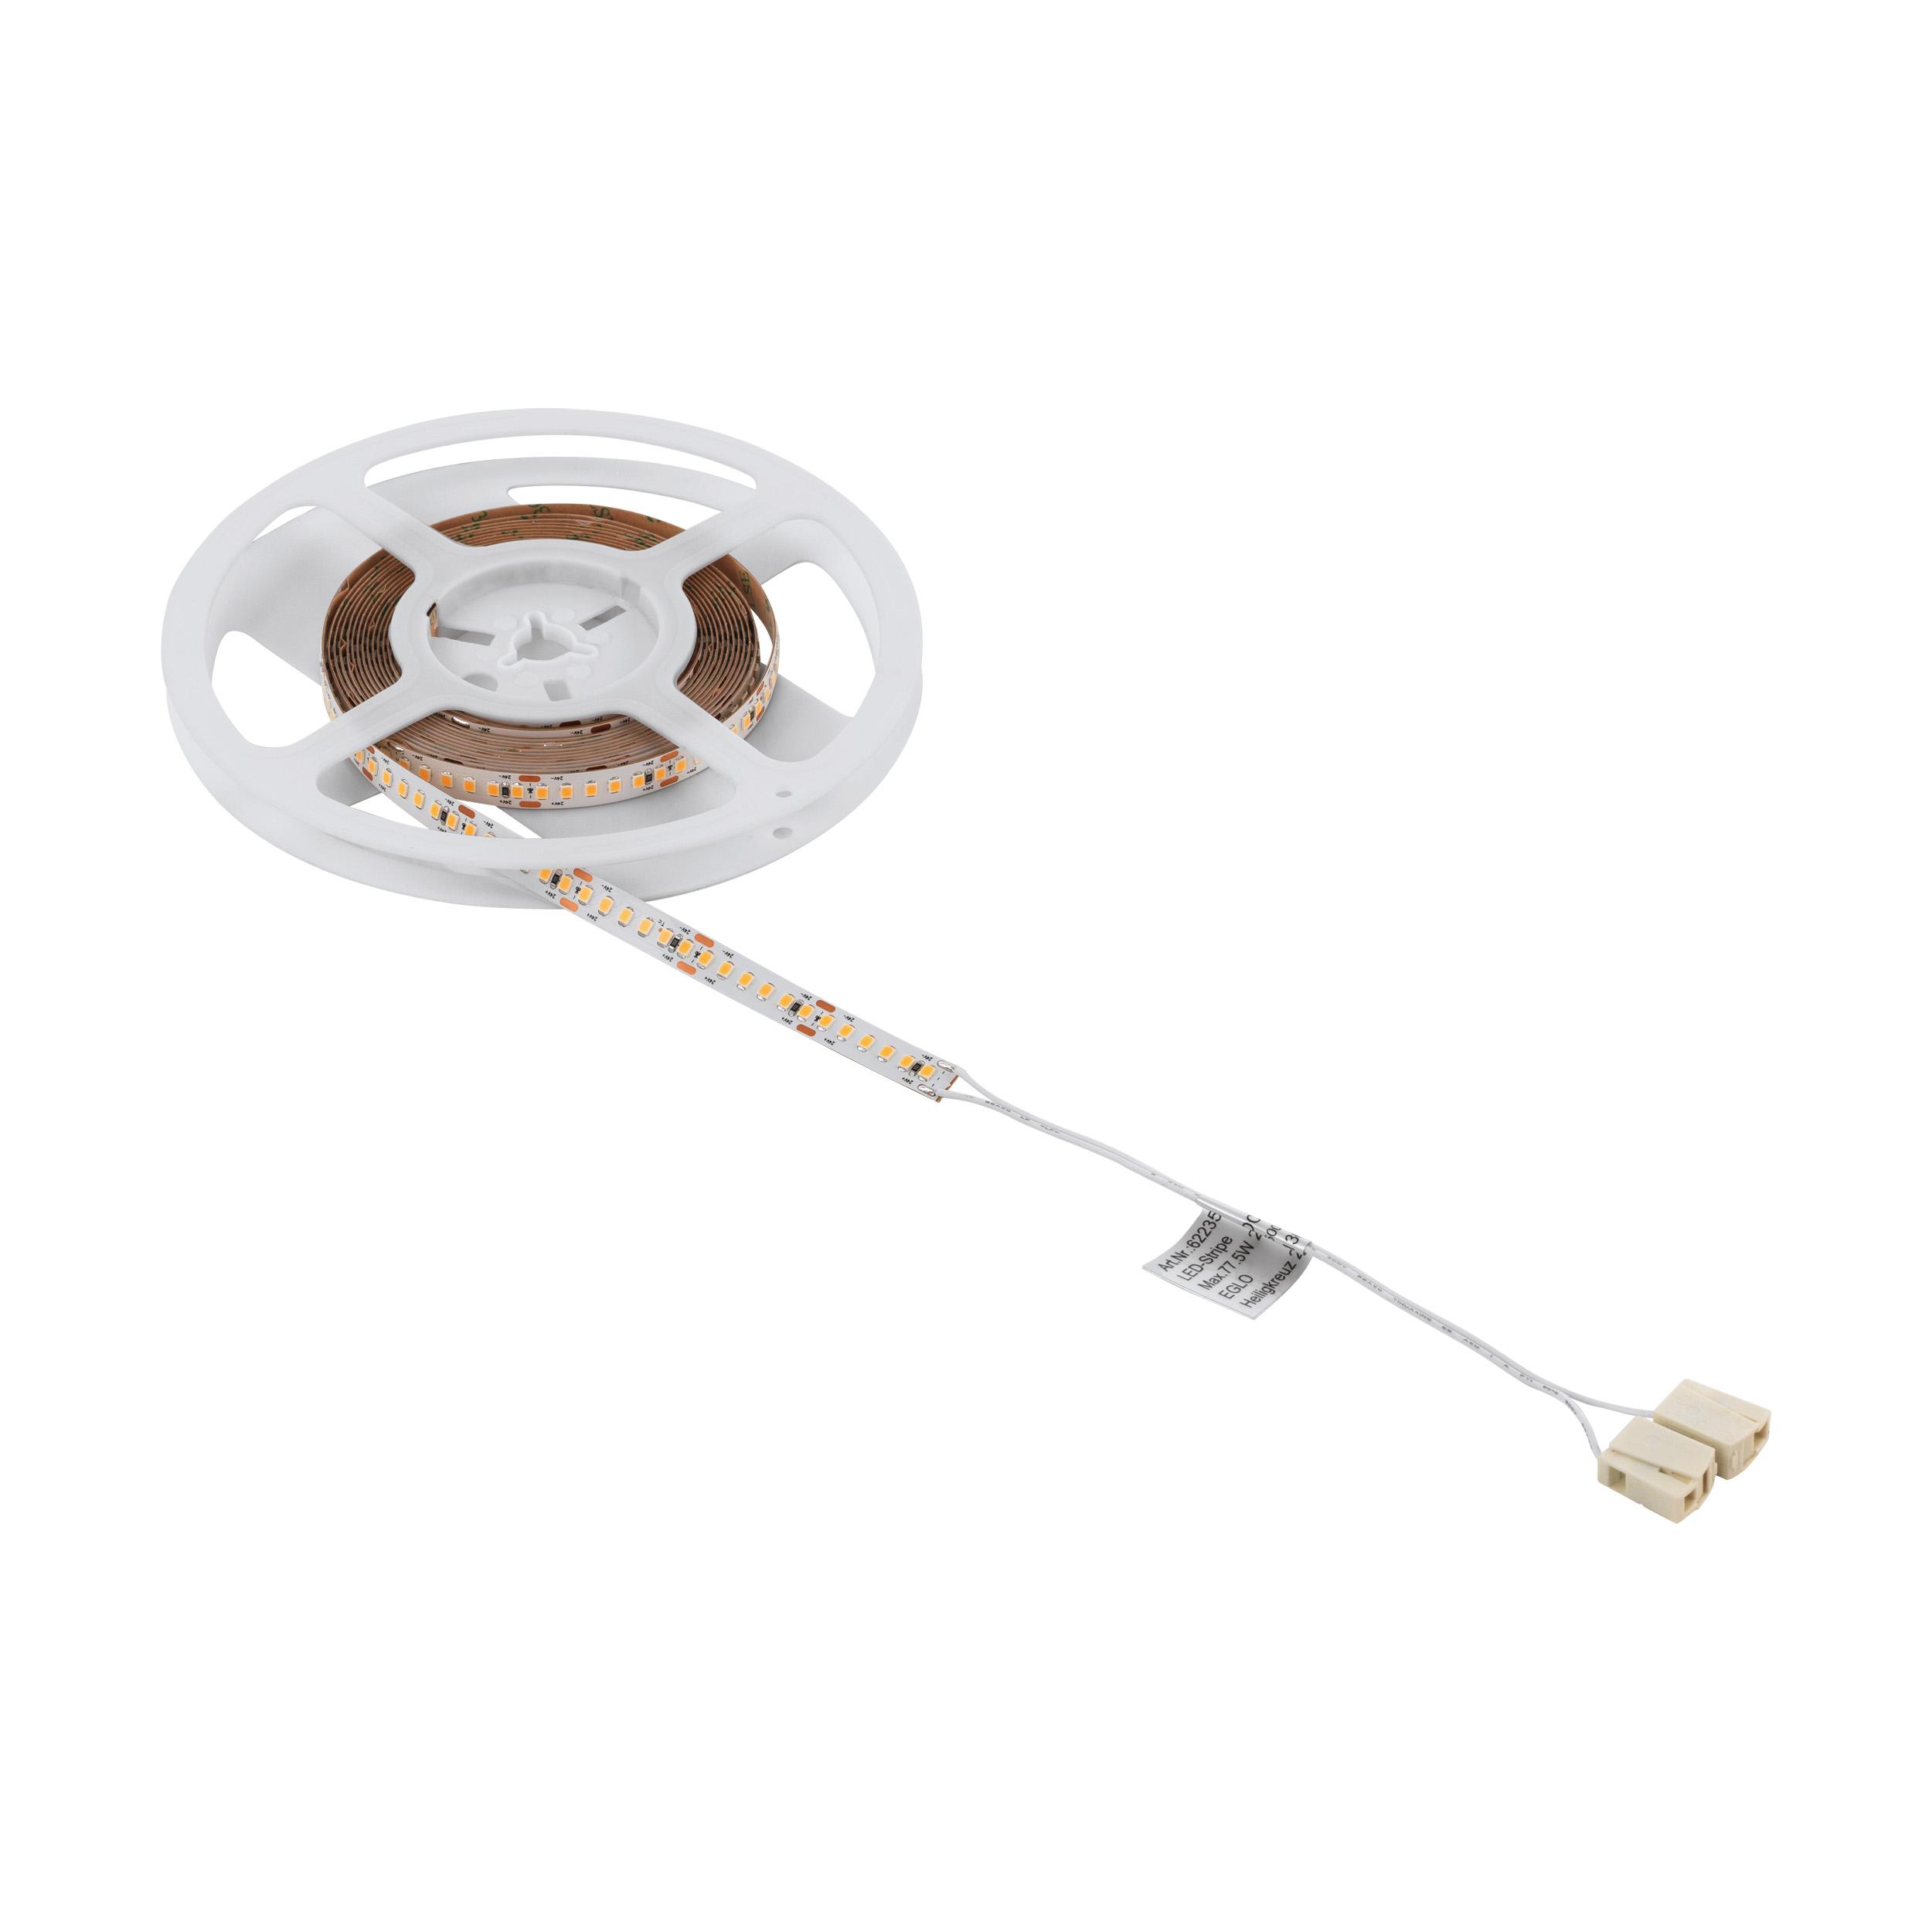 1 Stk LED-STRIPE 20m Rolle, Angabe per Meter 15,5W/mW 3000K IP20 LI63298---